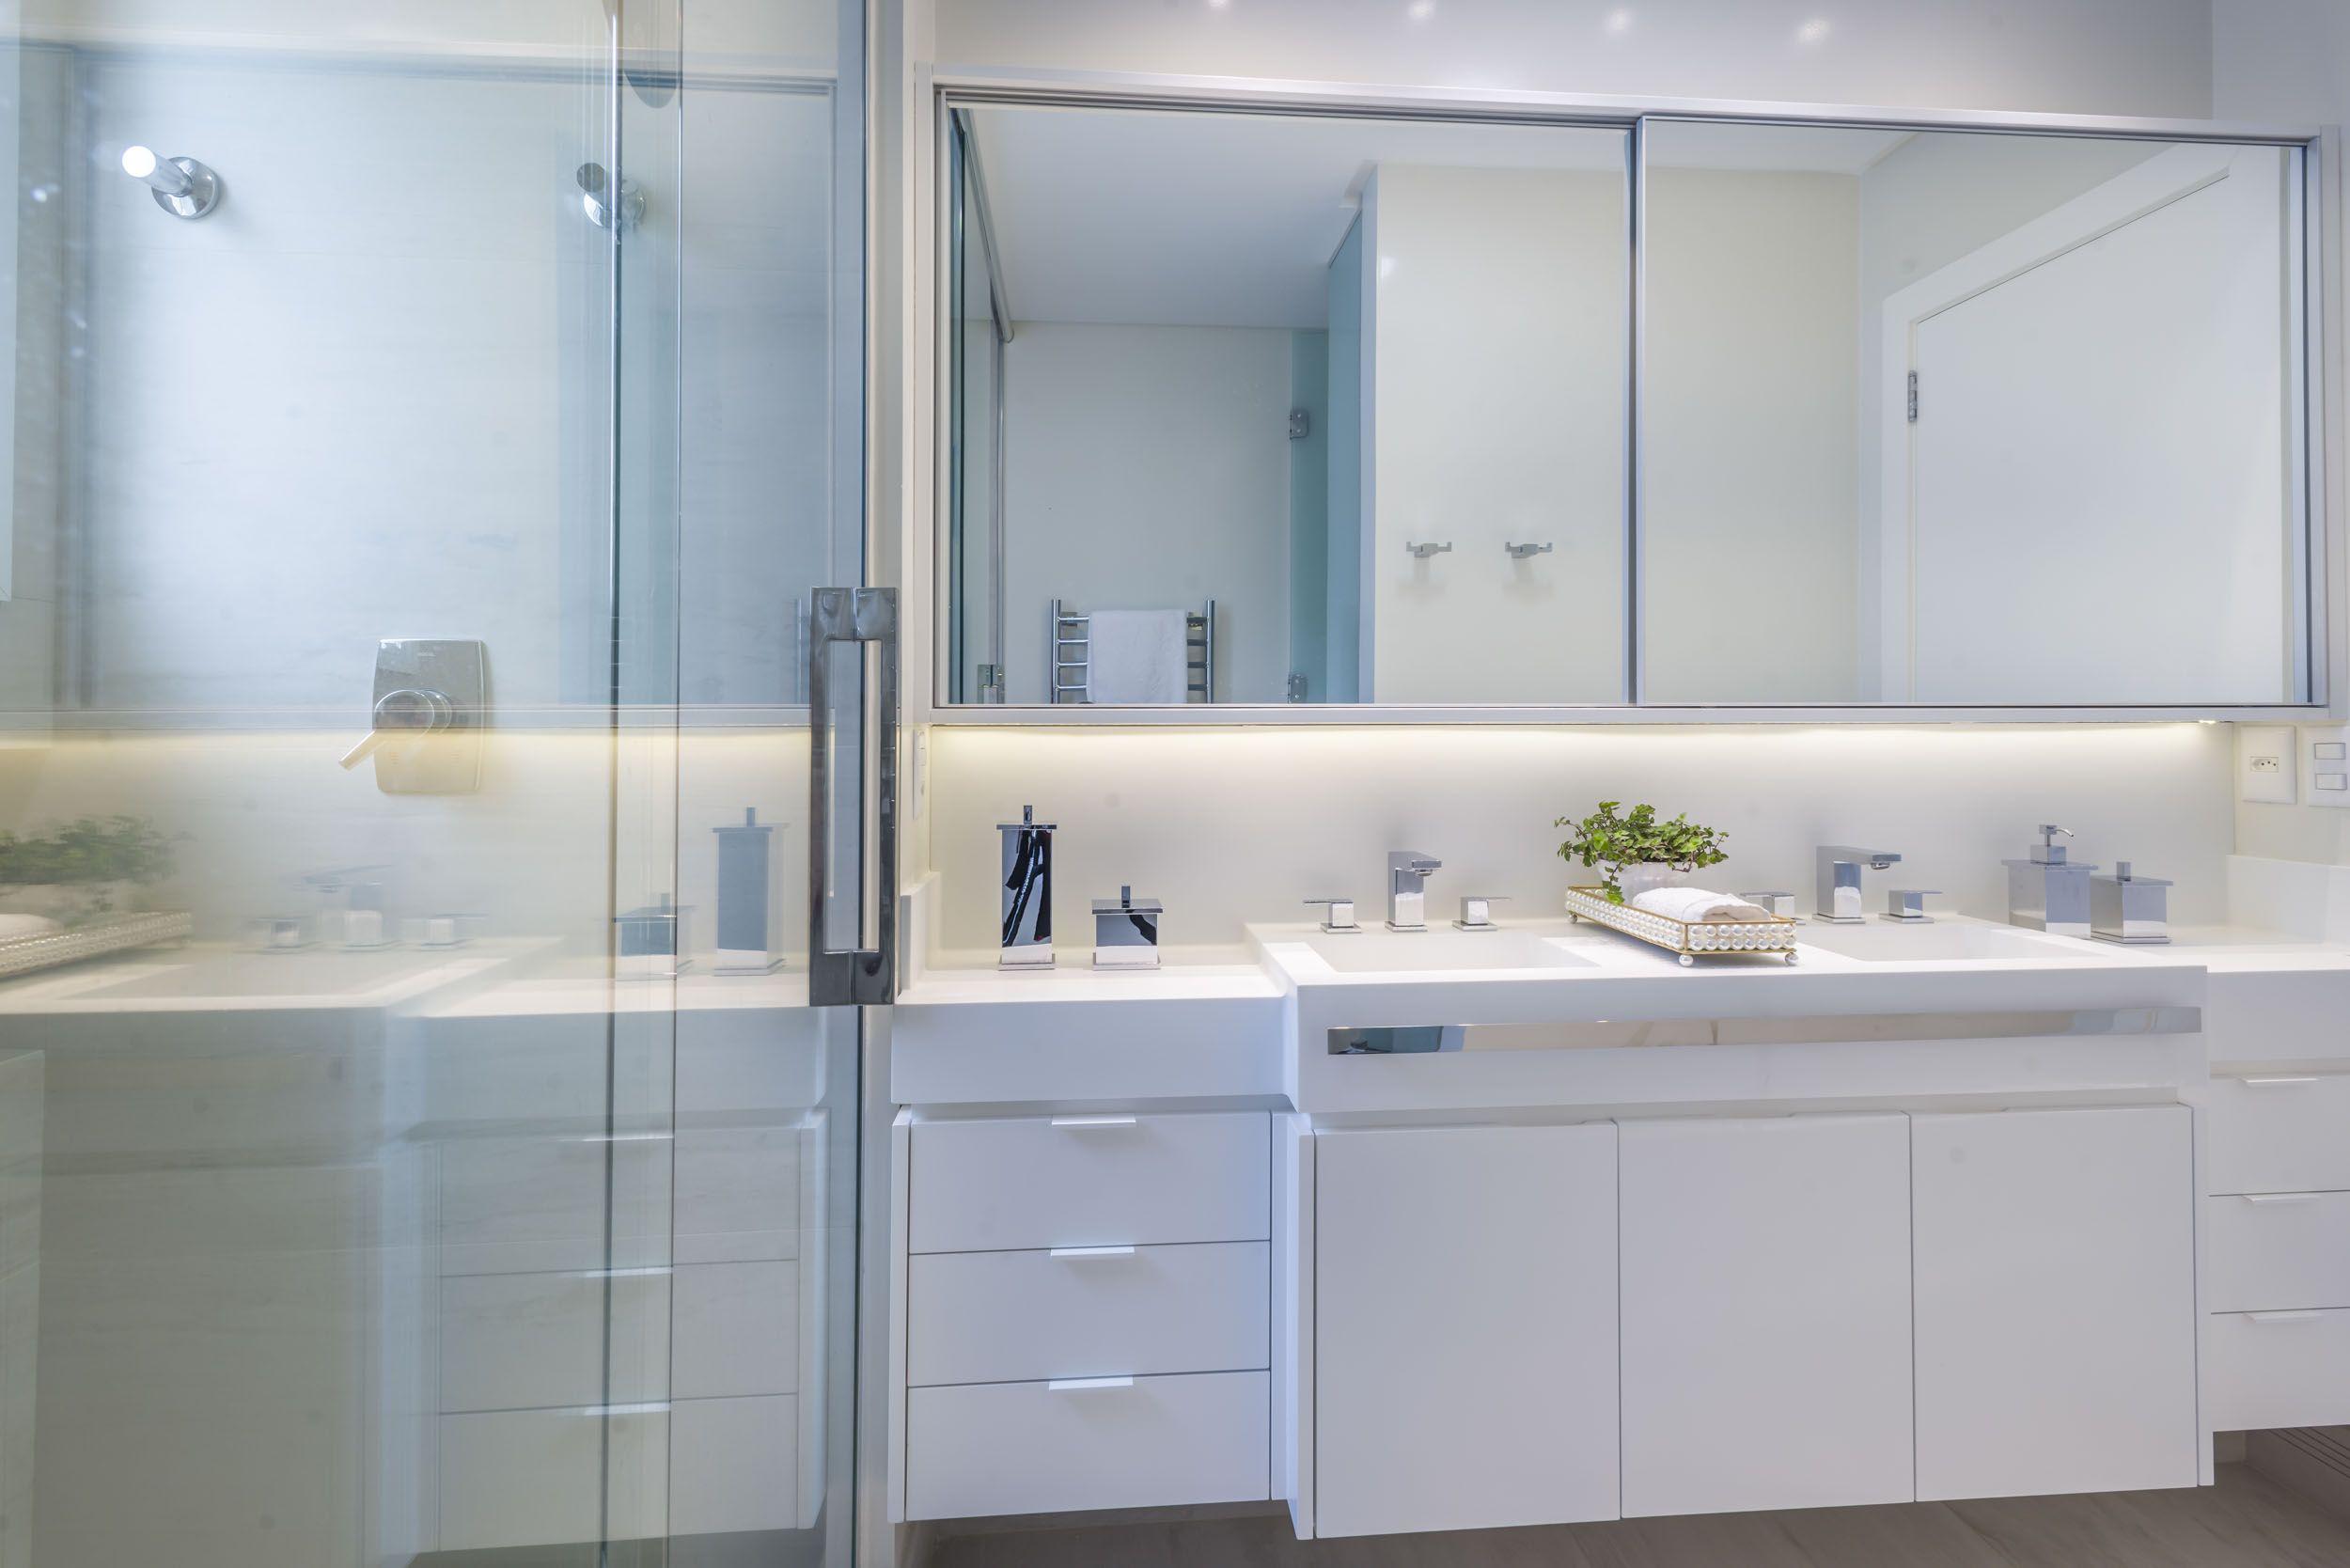 Resultado De Imagem Para Movel De Banheiro Com Portas Aluminio Moveis Para Banheiro Porta De Espelho Porta De Aluminio